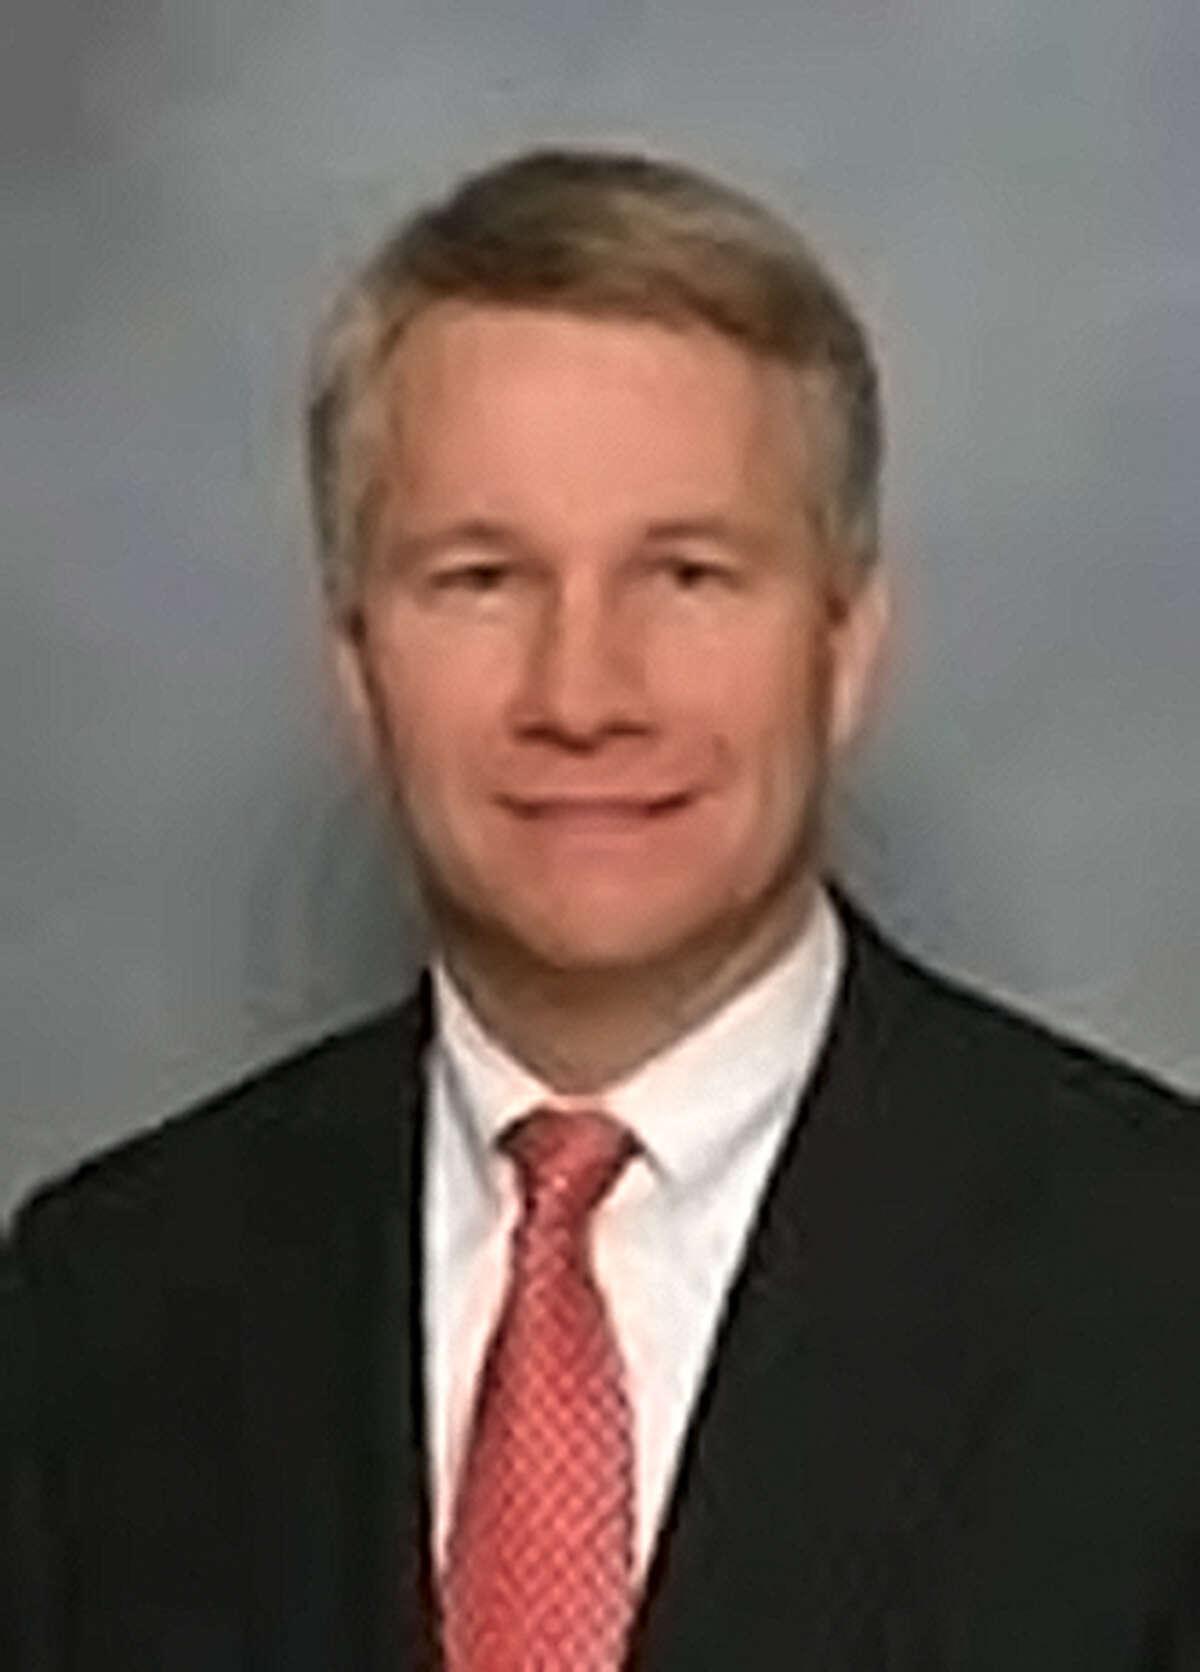 Sam Dawson, CEO of Pape-Dawson Engineers